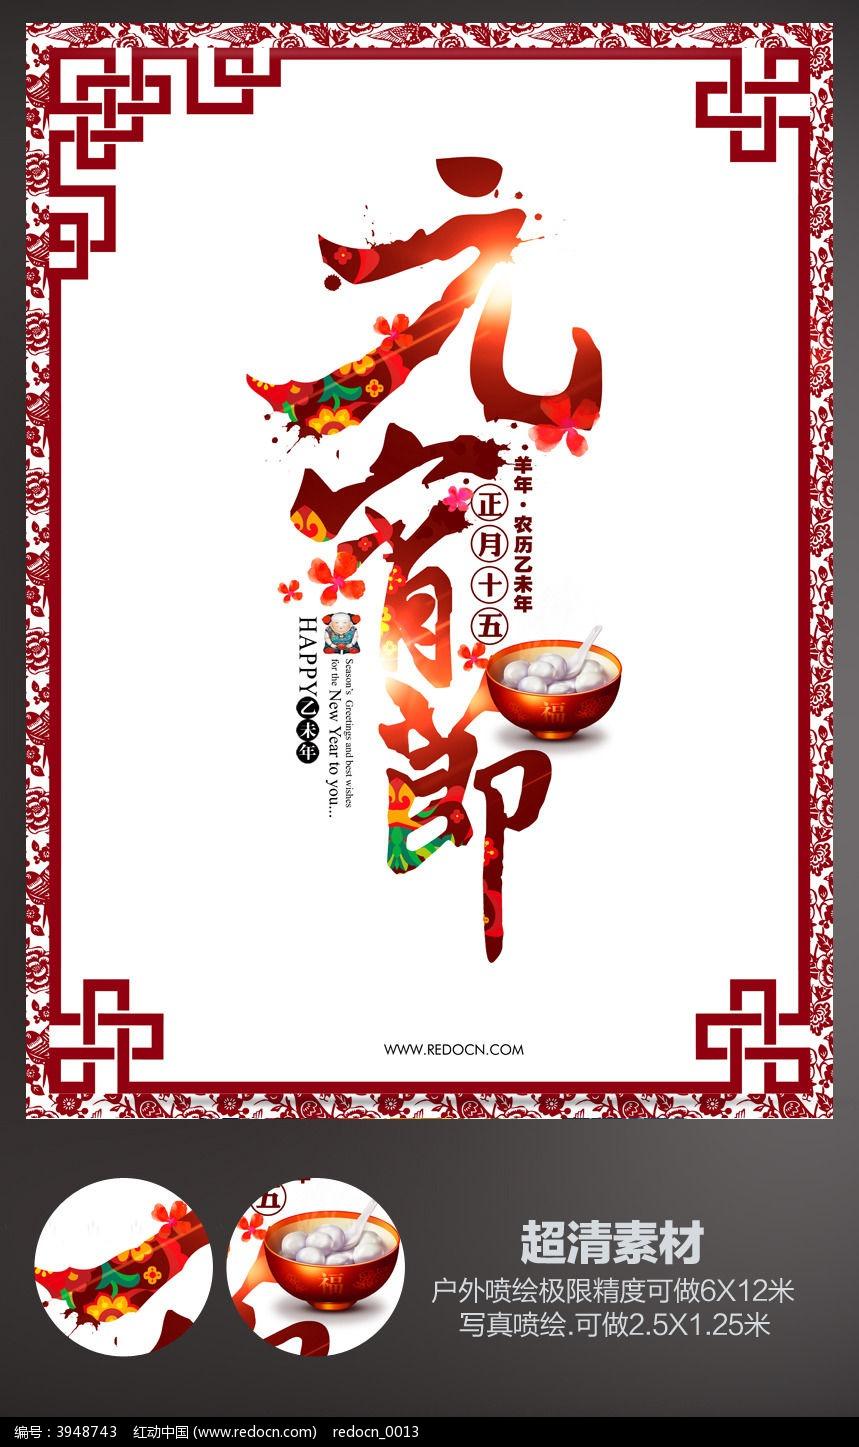 中国风 元宵节宣传海报 元宵汤圆 元宵节祝福海报 喜庆 元宵吊旗设计 高清图片